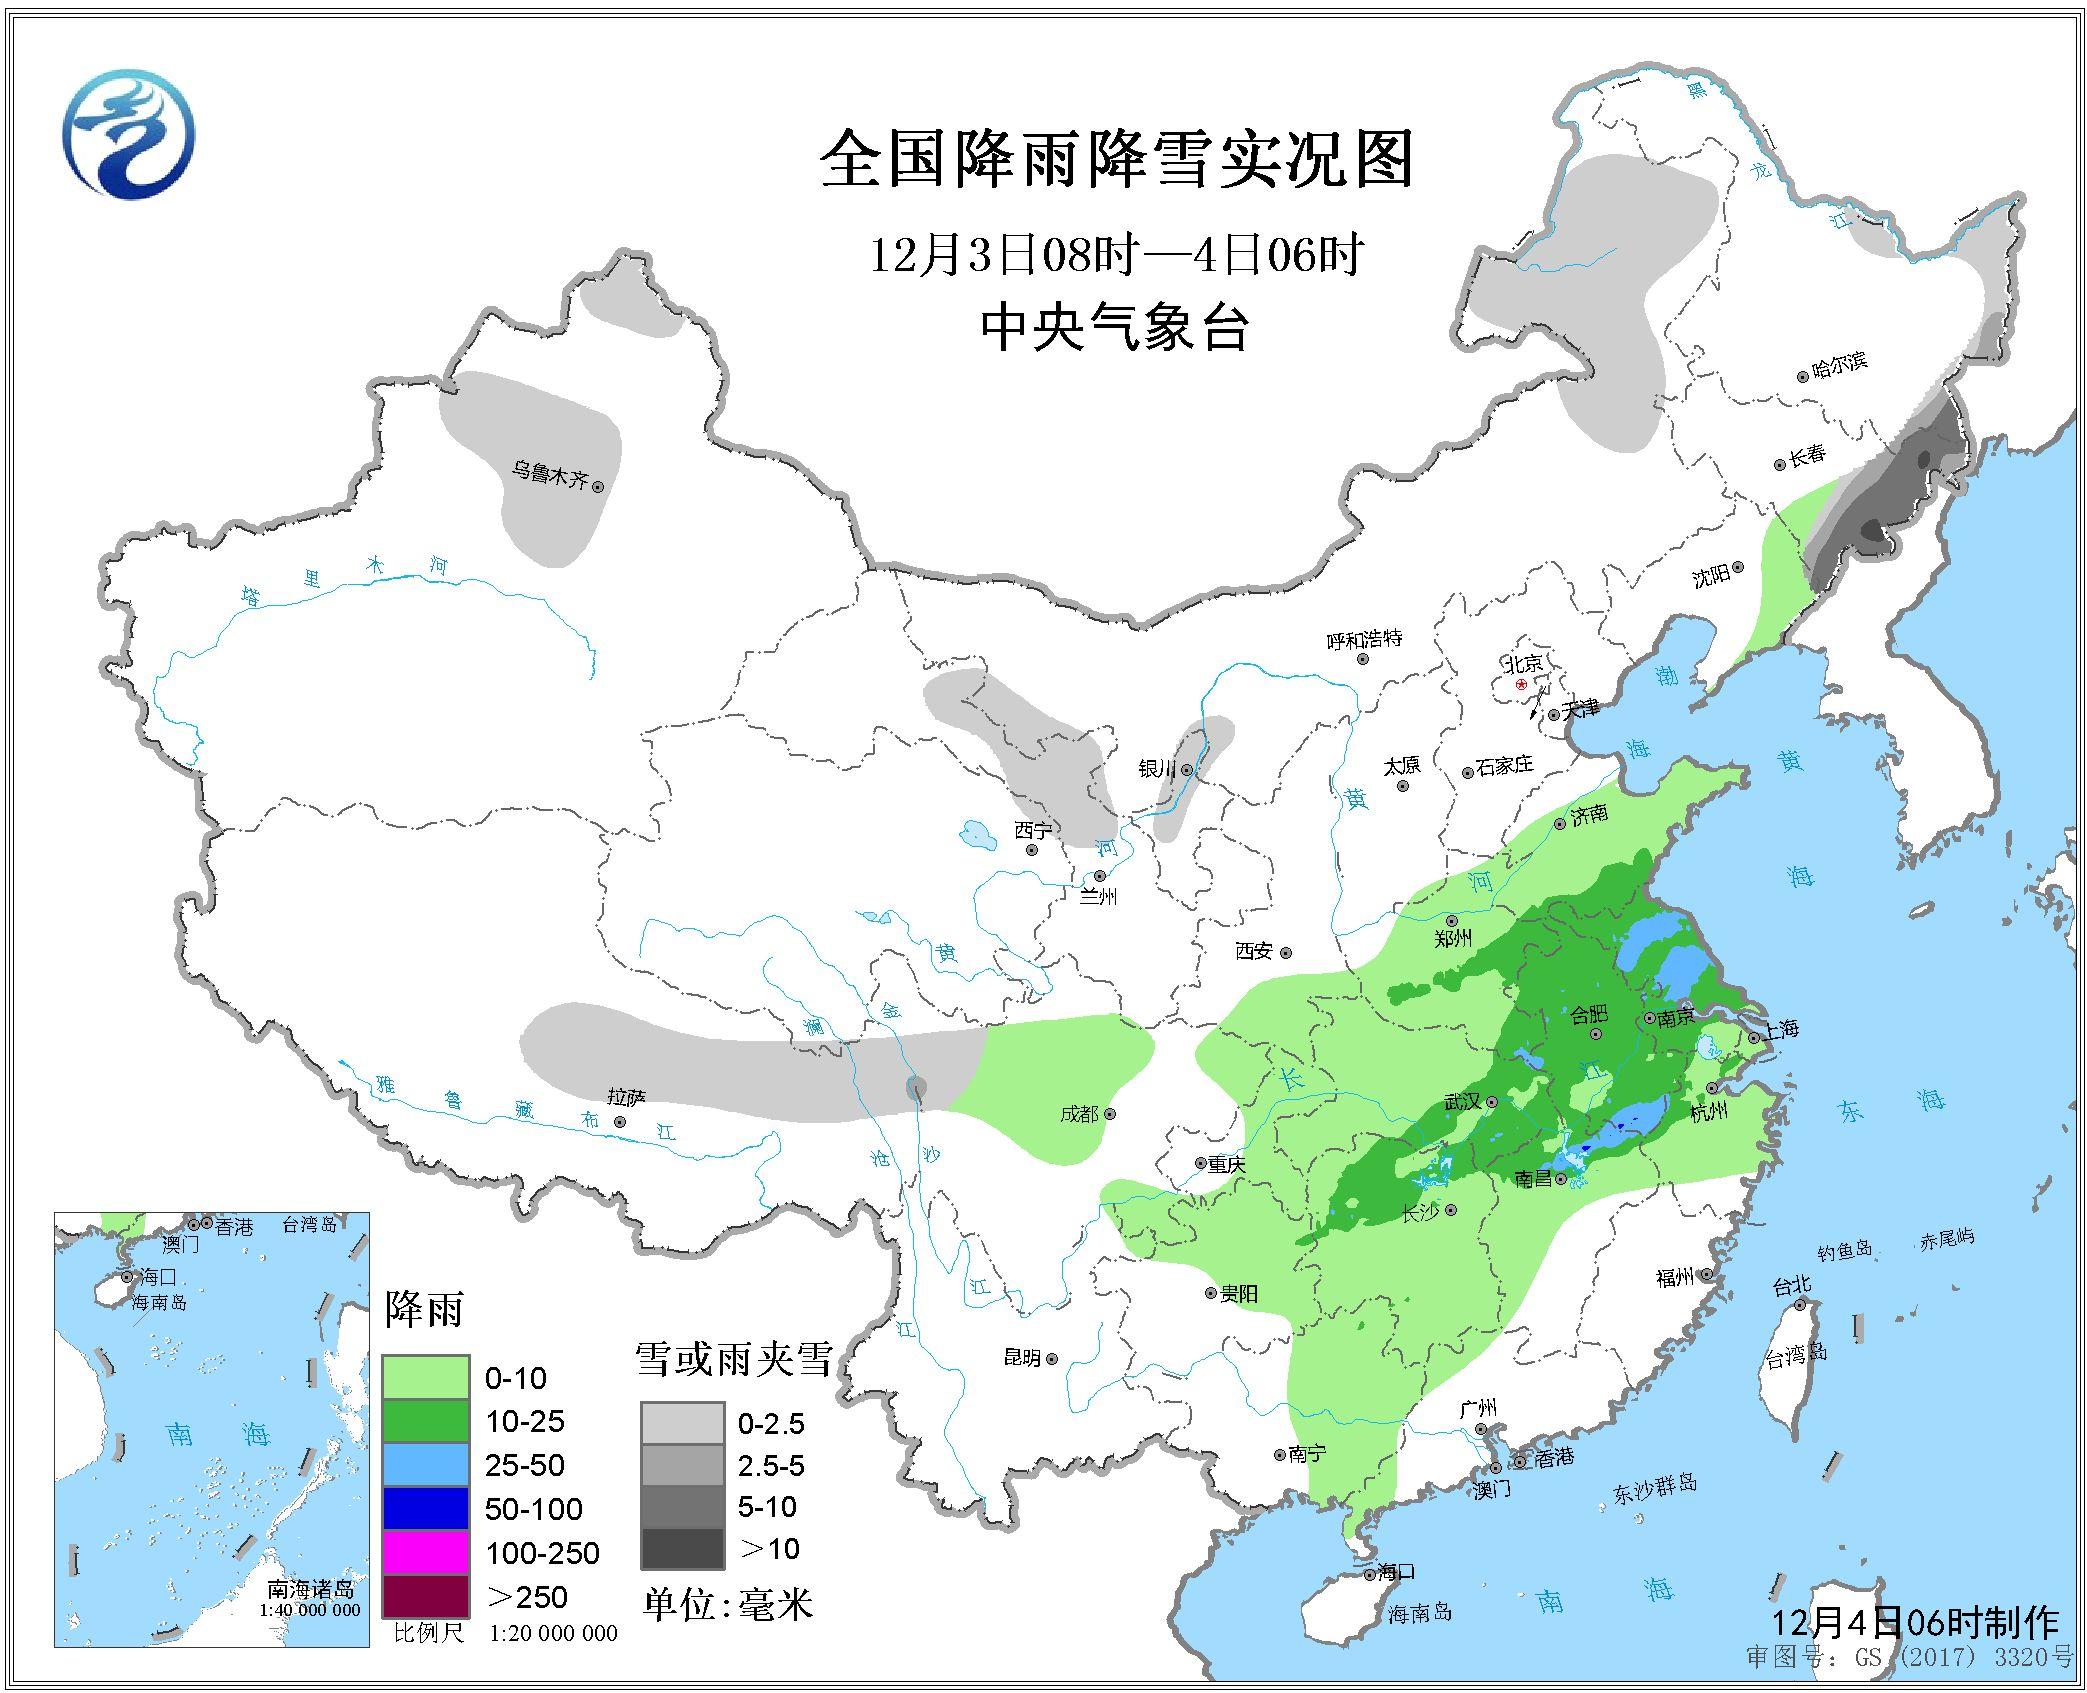 华北黄淮和东北等地降温明显 昨日吉林东部等地出现降雪